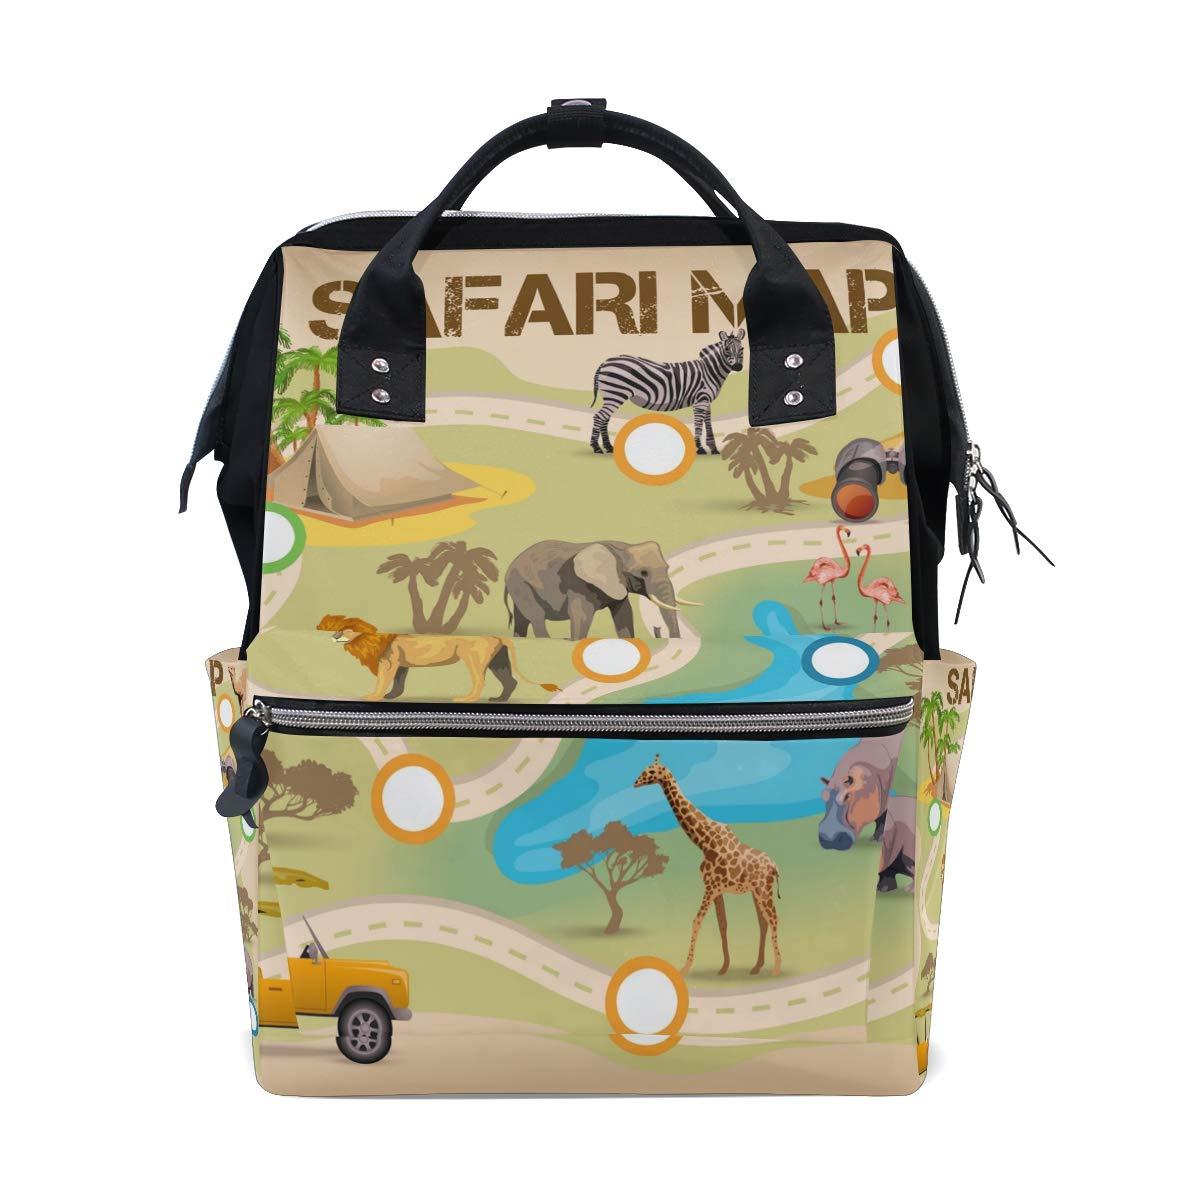 Safari Tote Bag Shopping Bag Diaper Bag